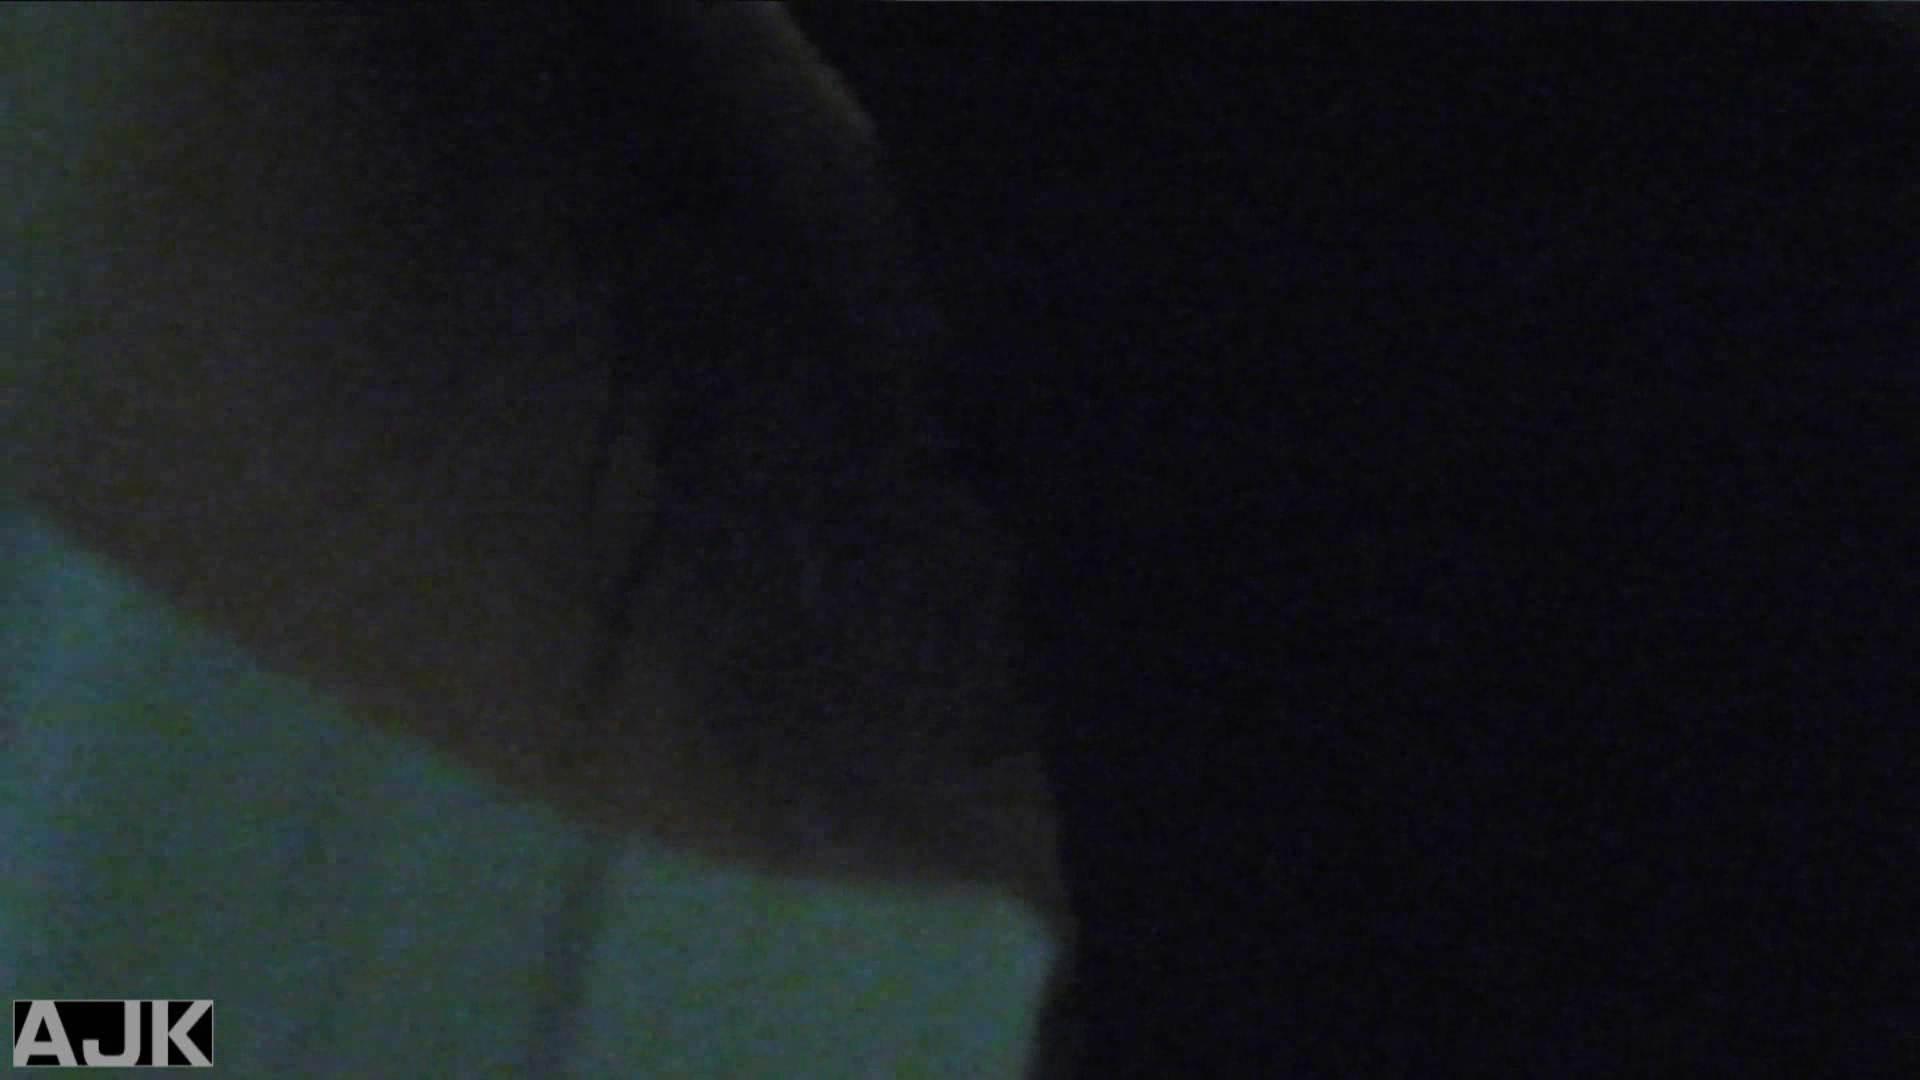 神降臨!史上最強の潜入かわや! vol.06 マンコ・ムレムレ オメコ動画キャプチャ 95pic 39